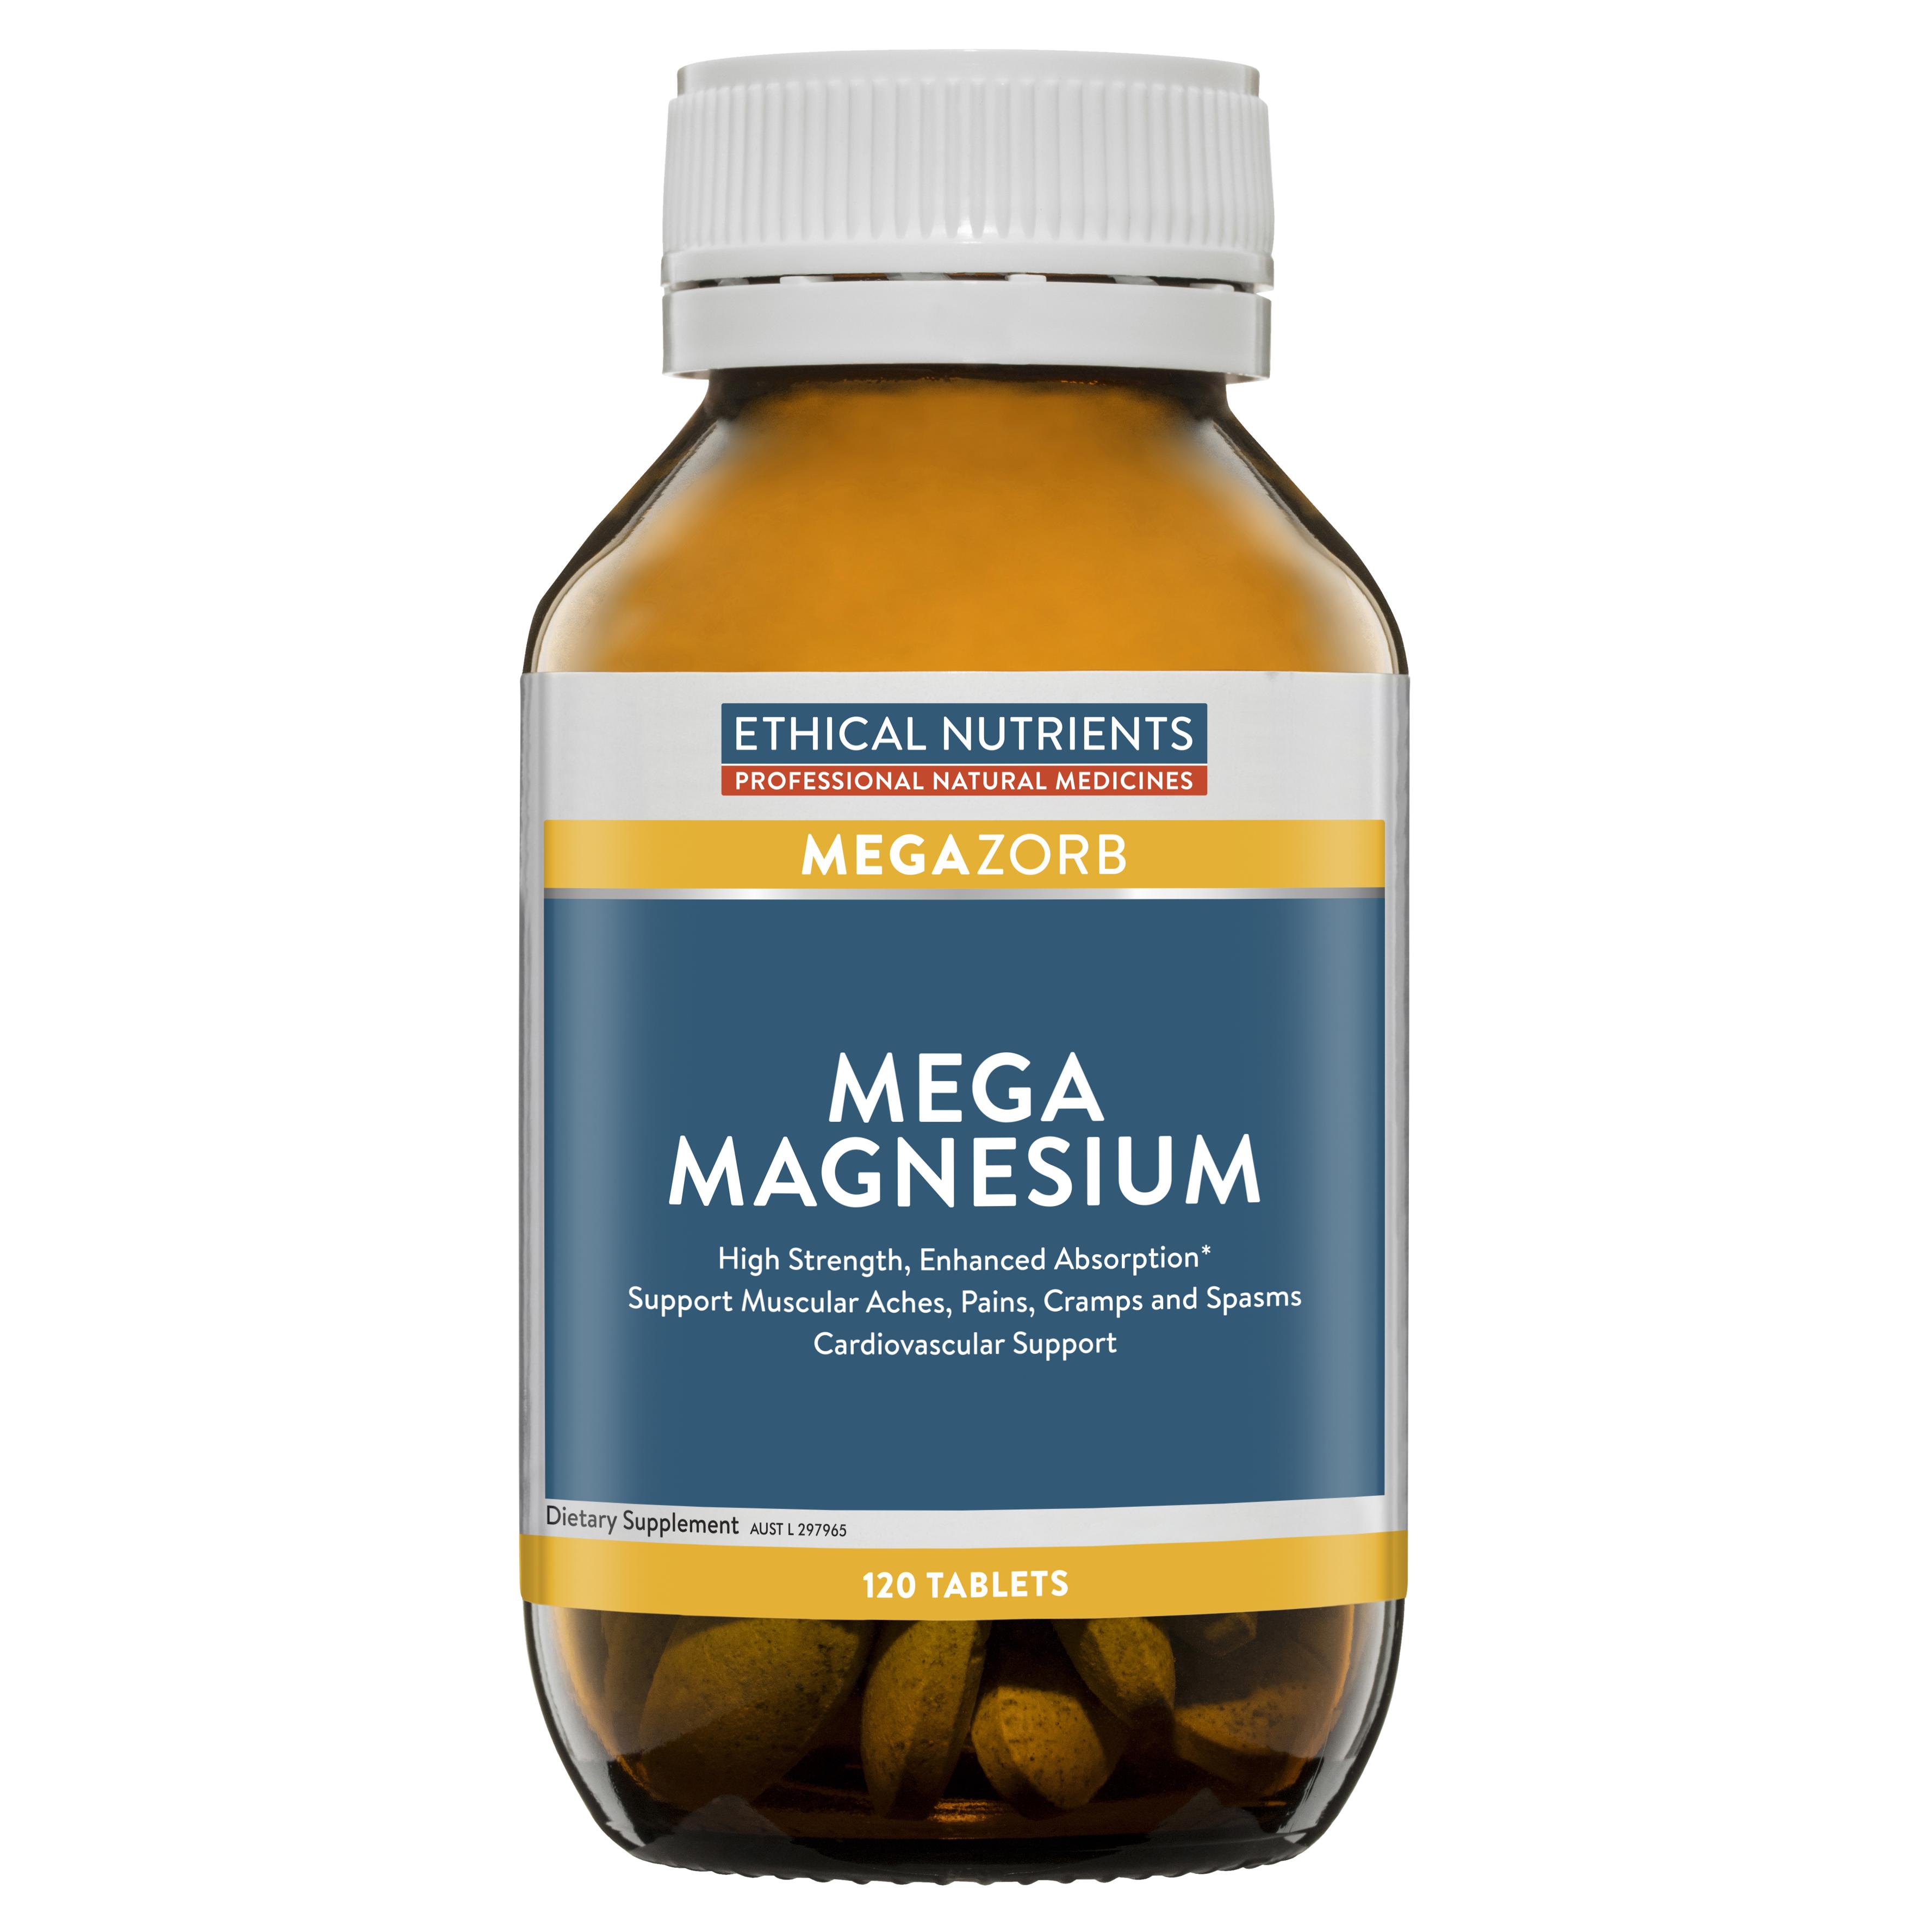 Ethical Nutrients Mega Magnesium 60